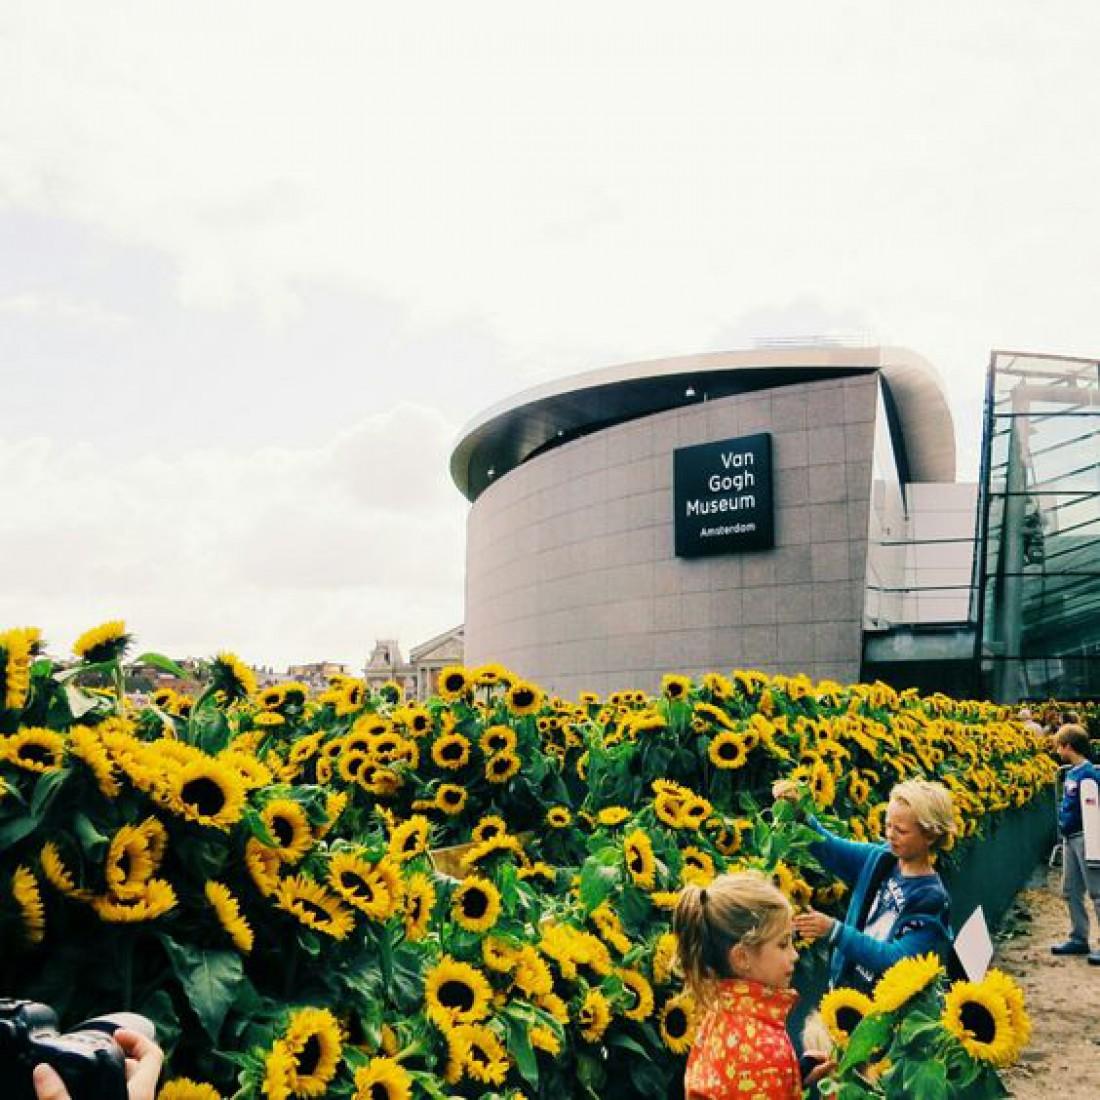 Музей Ван Гога - здесь собрана уникальная коллекция работ художника